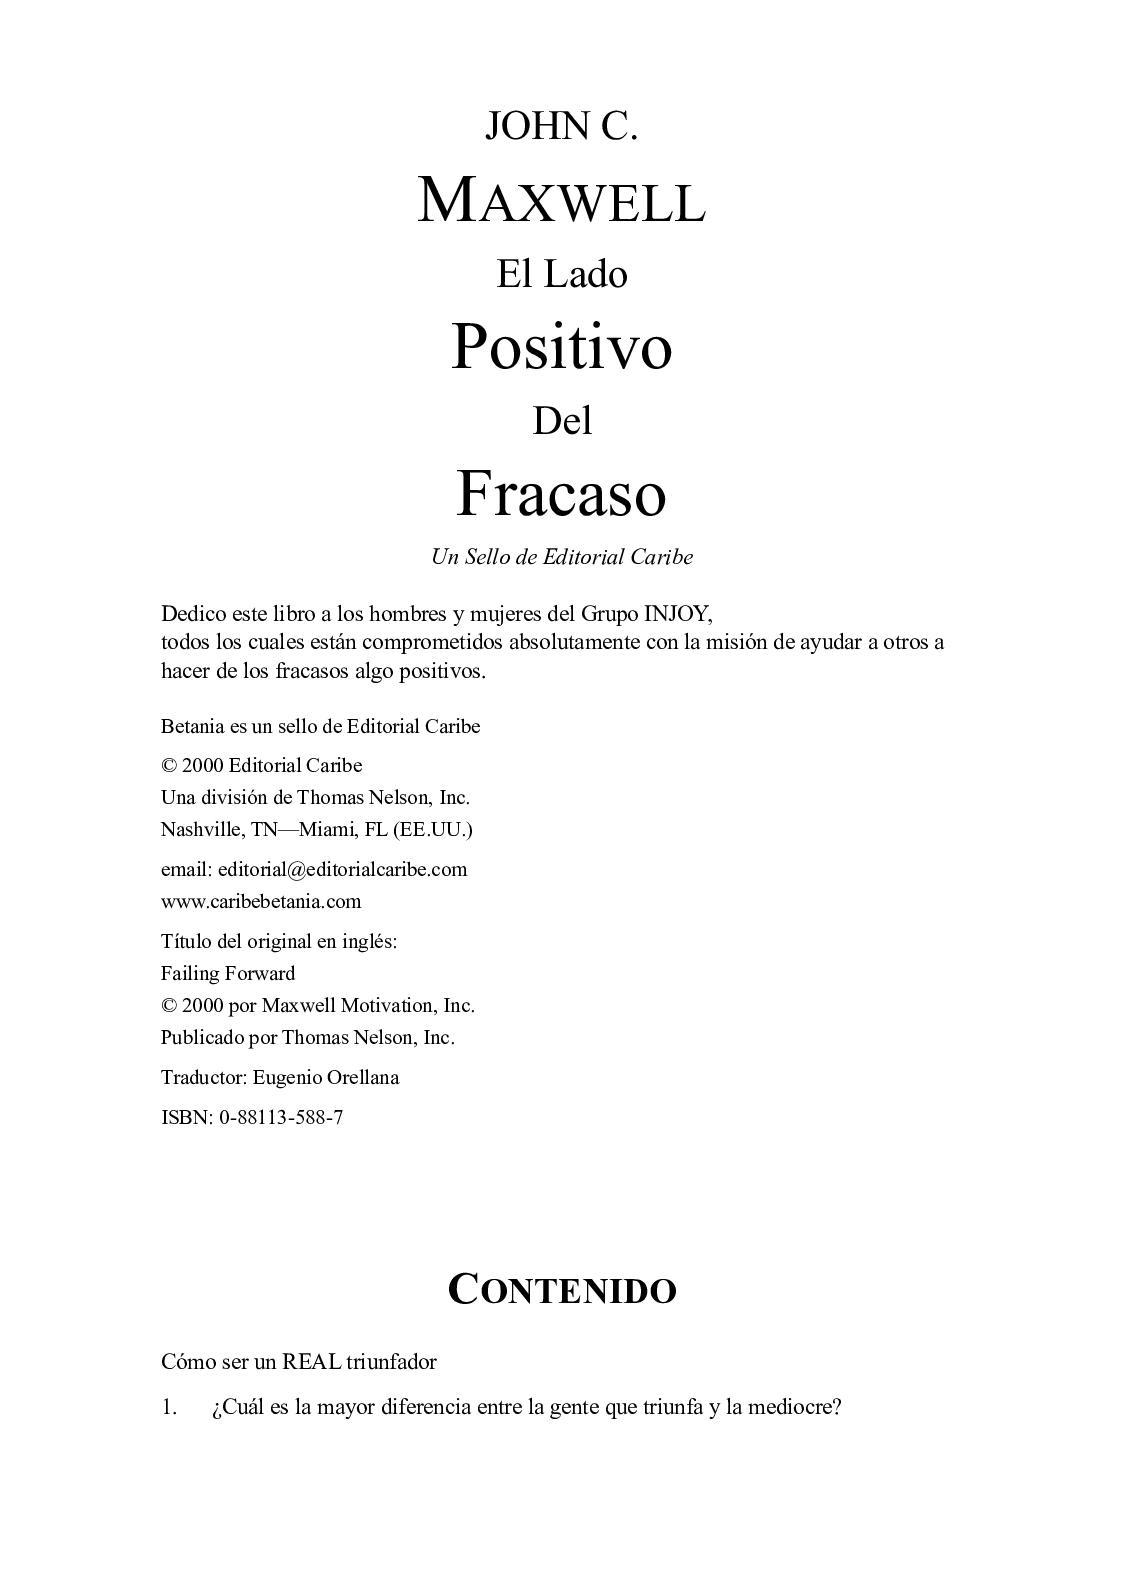 Calaméo - El Lado Positivo Del Fracaso (John C Maxwell)